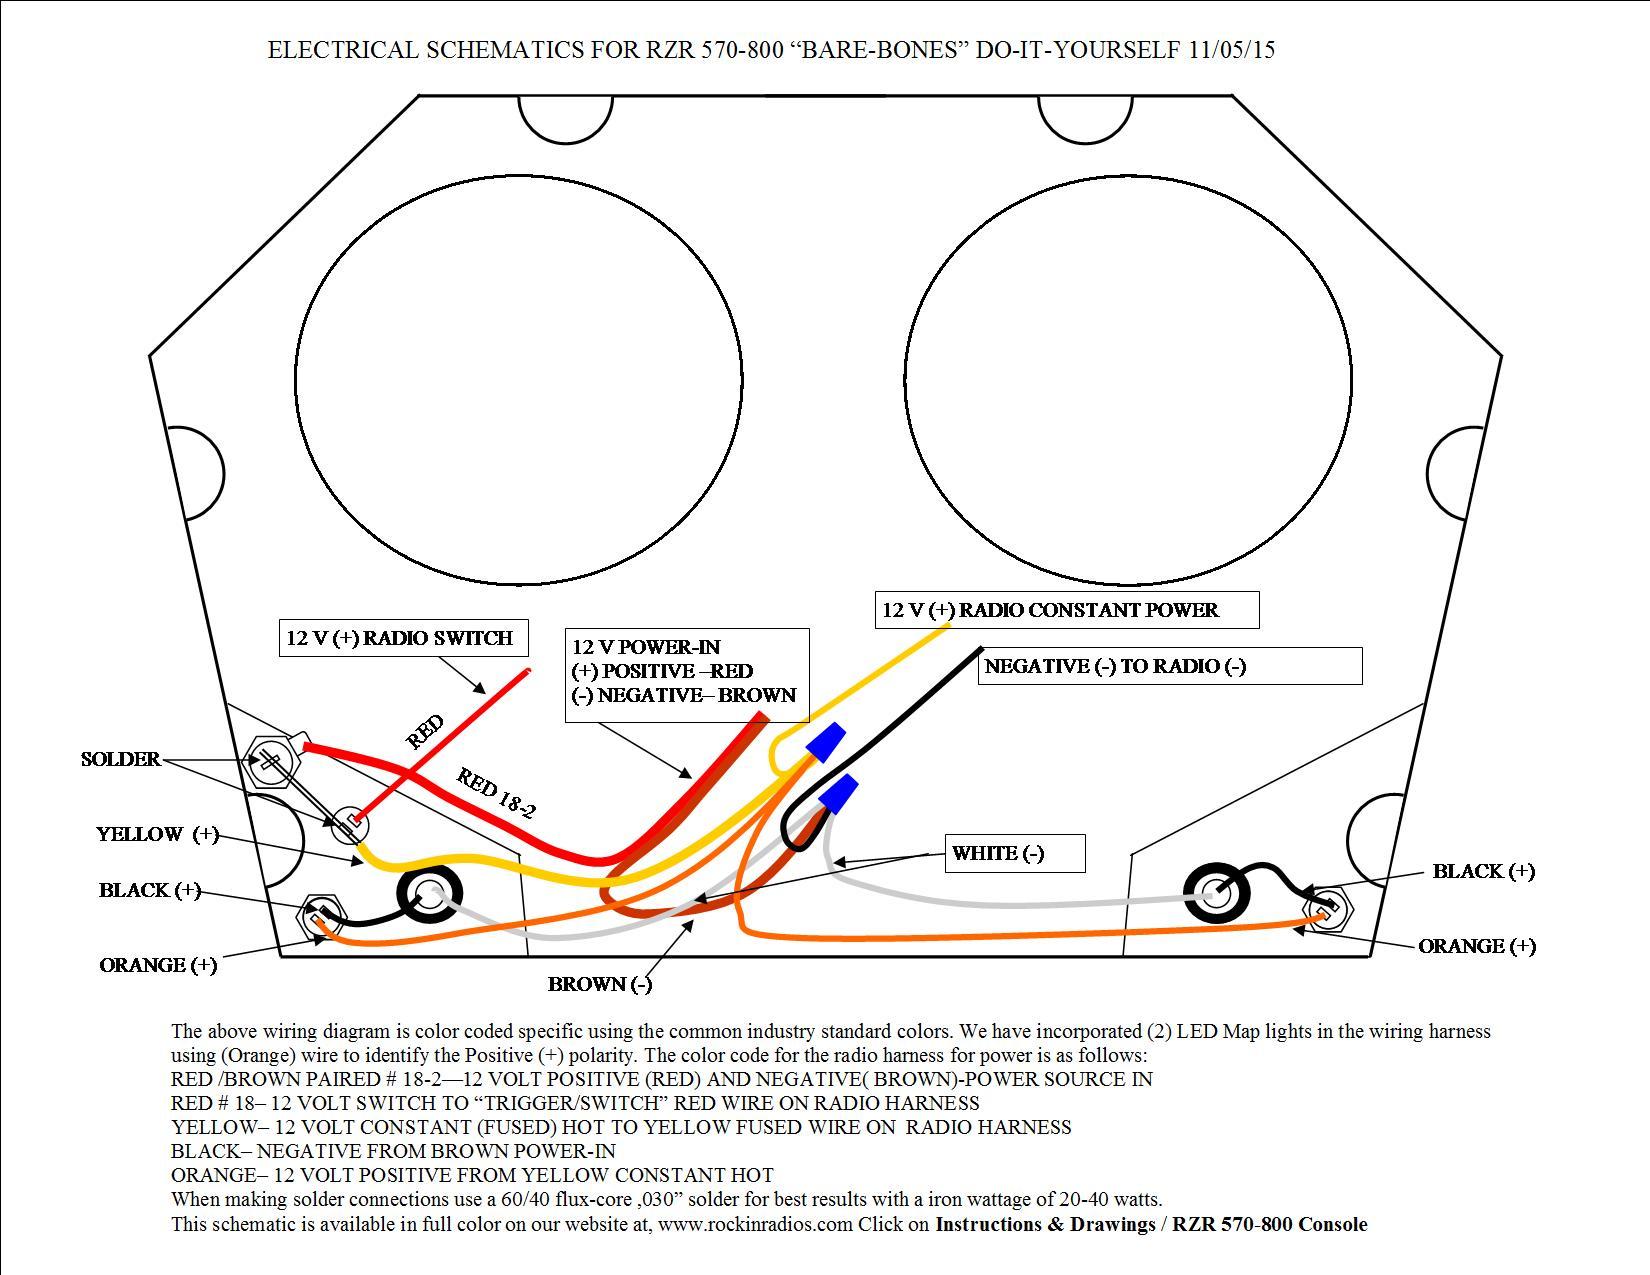 Awe Inspiring Rzr 570 800 Instruction Drawings Wiring Diagram Wiring Cloud Vieworaidewilluminateatxorg